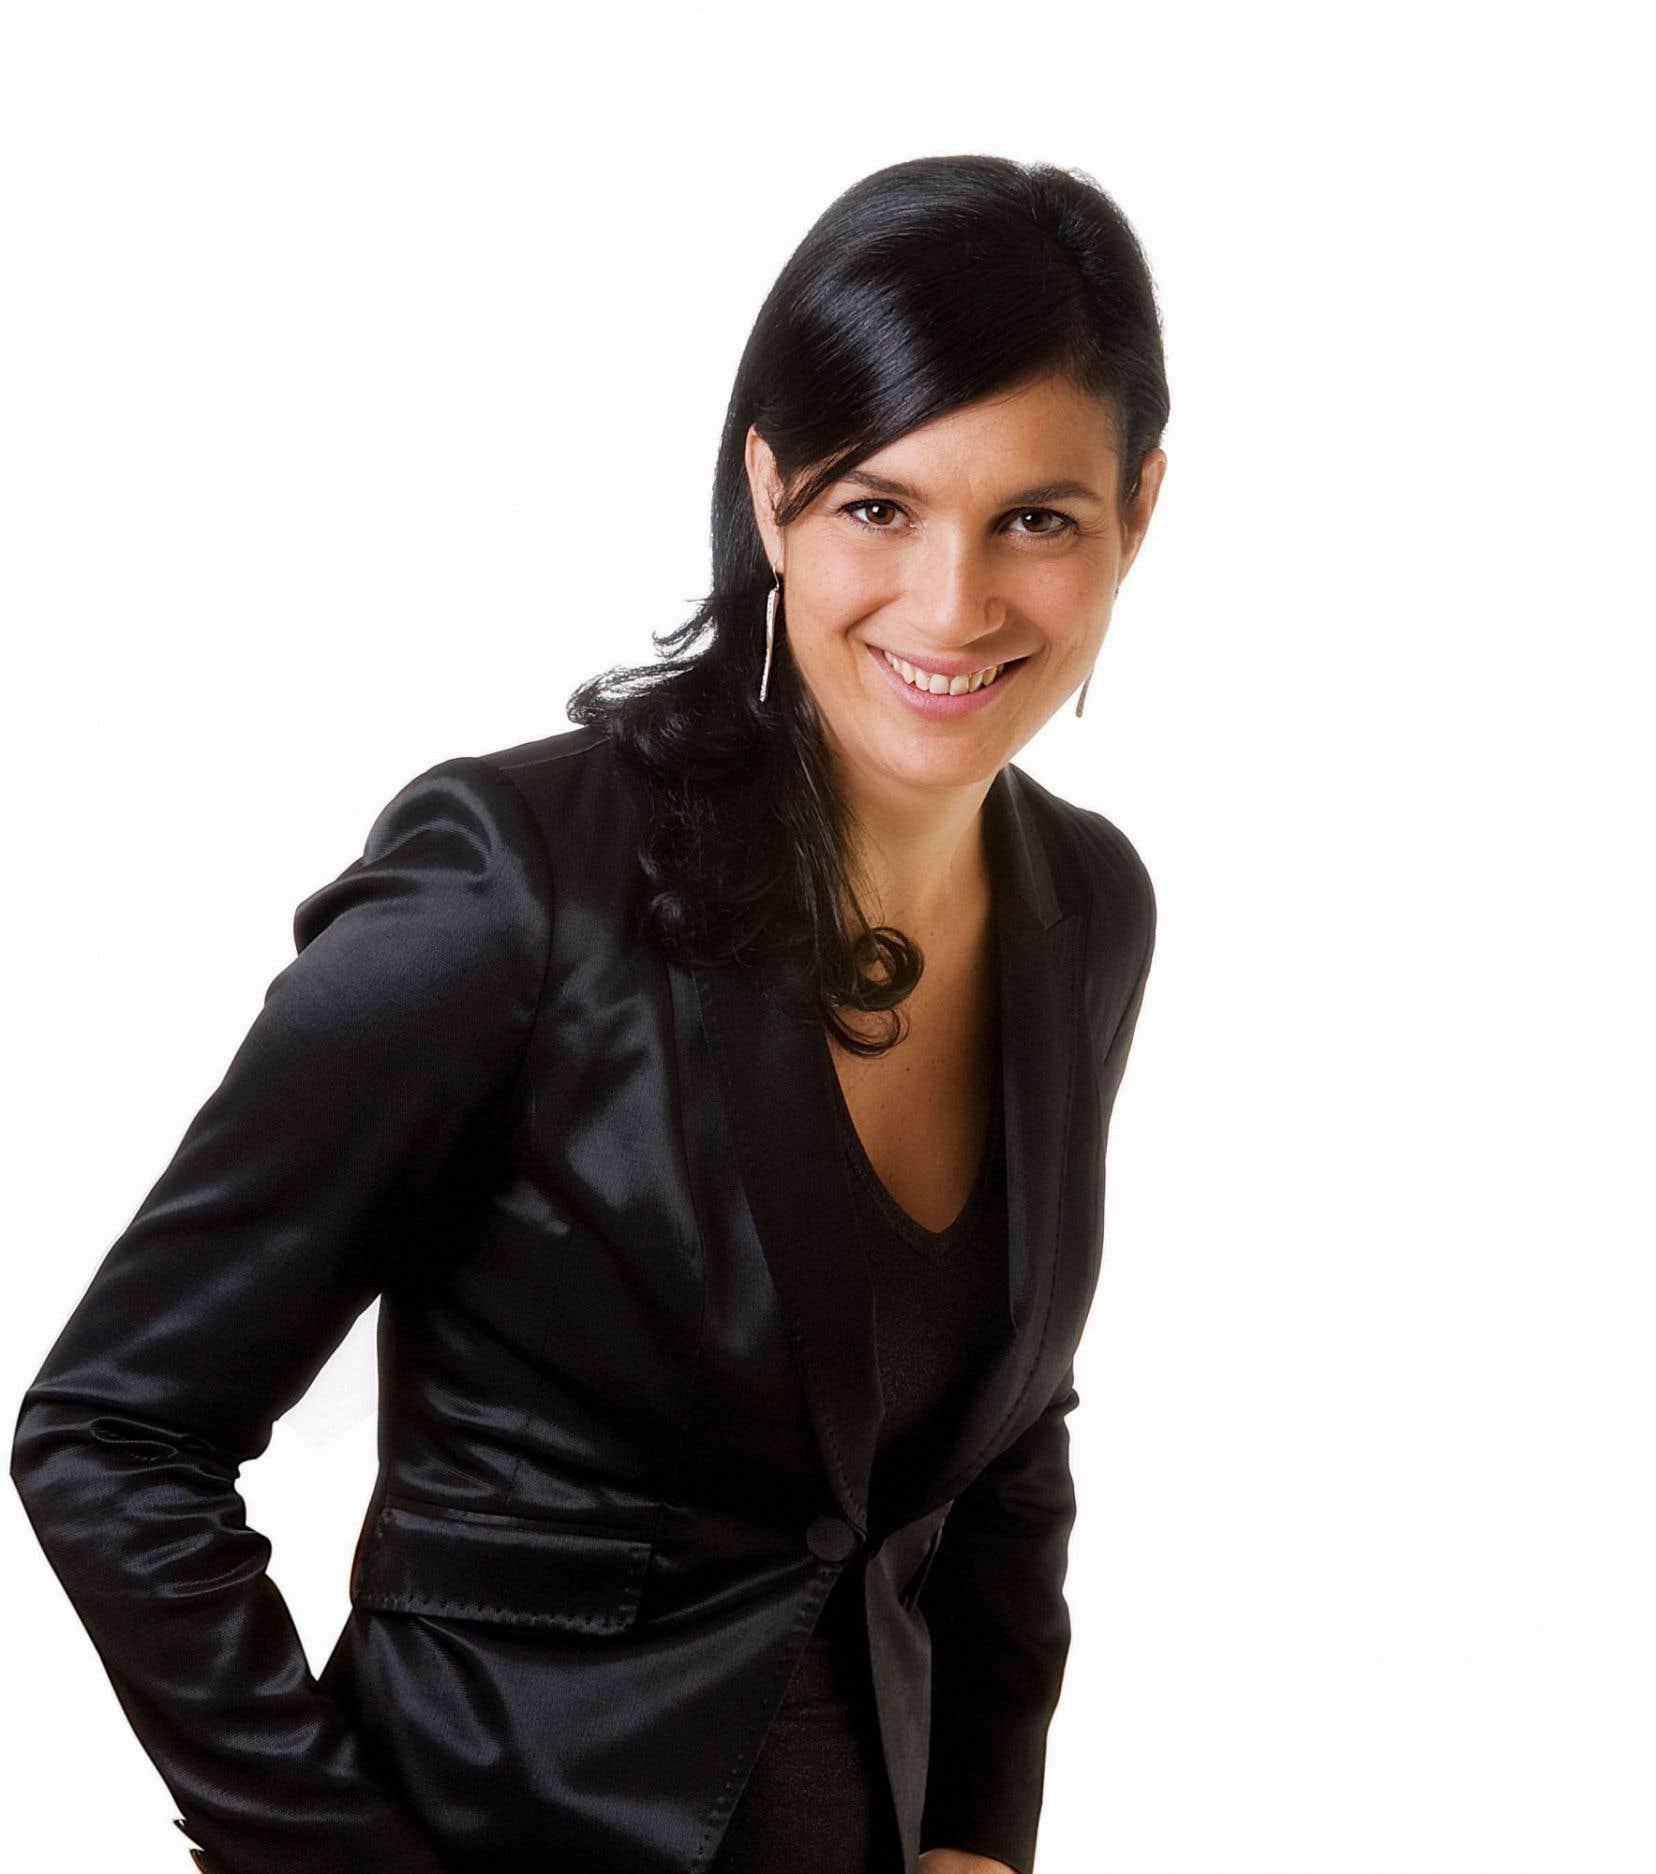 La première directrice générale de la grappe métropolitaine de l'industrie de la mode, Debbie Zakaib. MMode se veut le carrefour fédérateur de tous les intervenants du secteur. Ainsi parleront d'une voix unifiée les acteurs de ce milieu aux horizons très diversifiés.